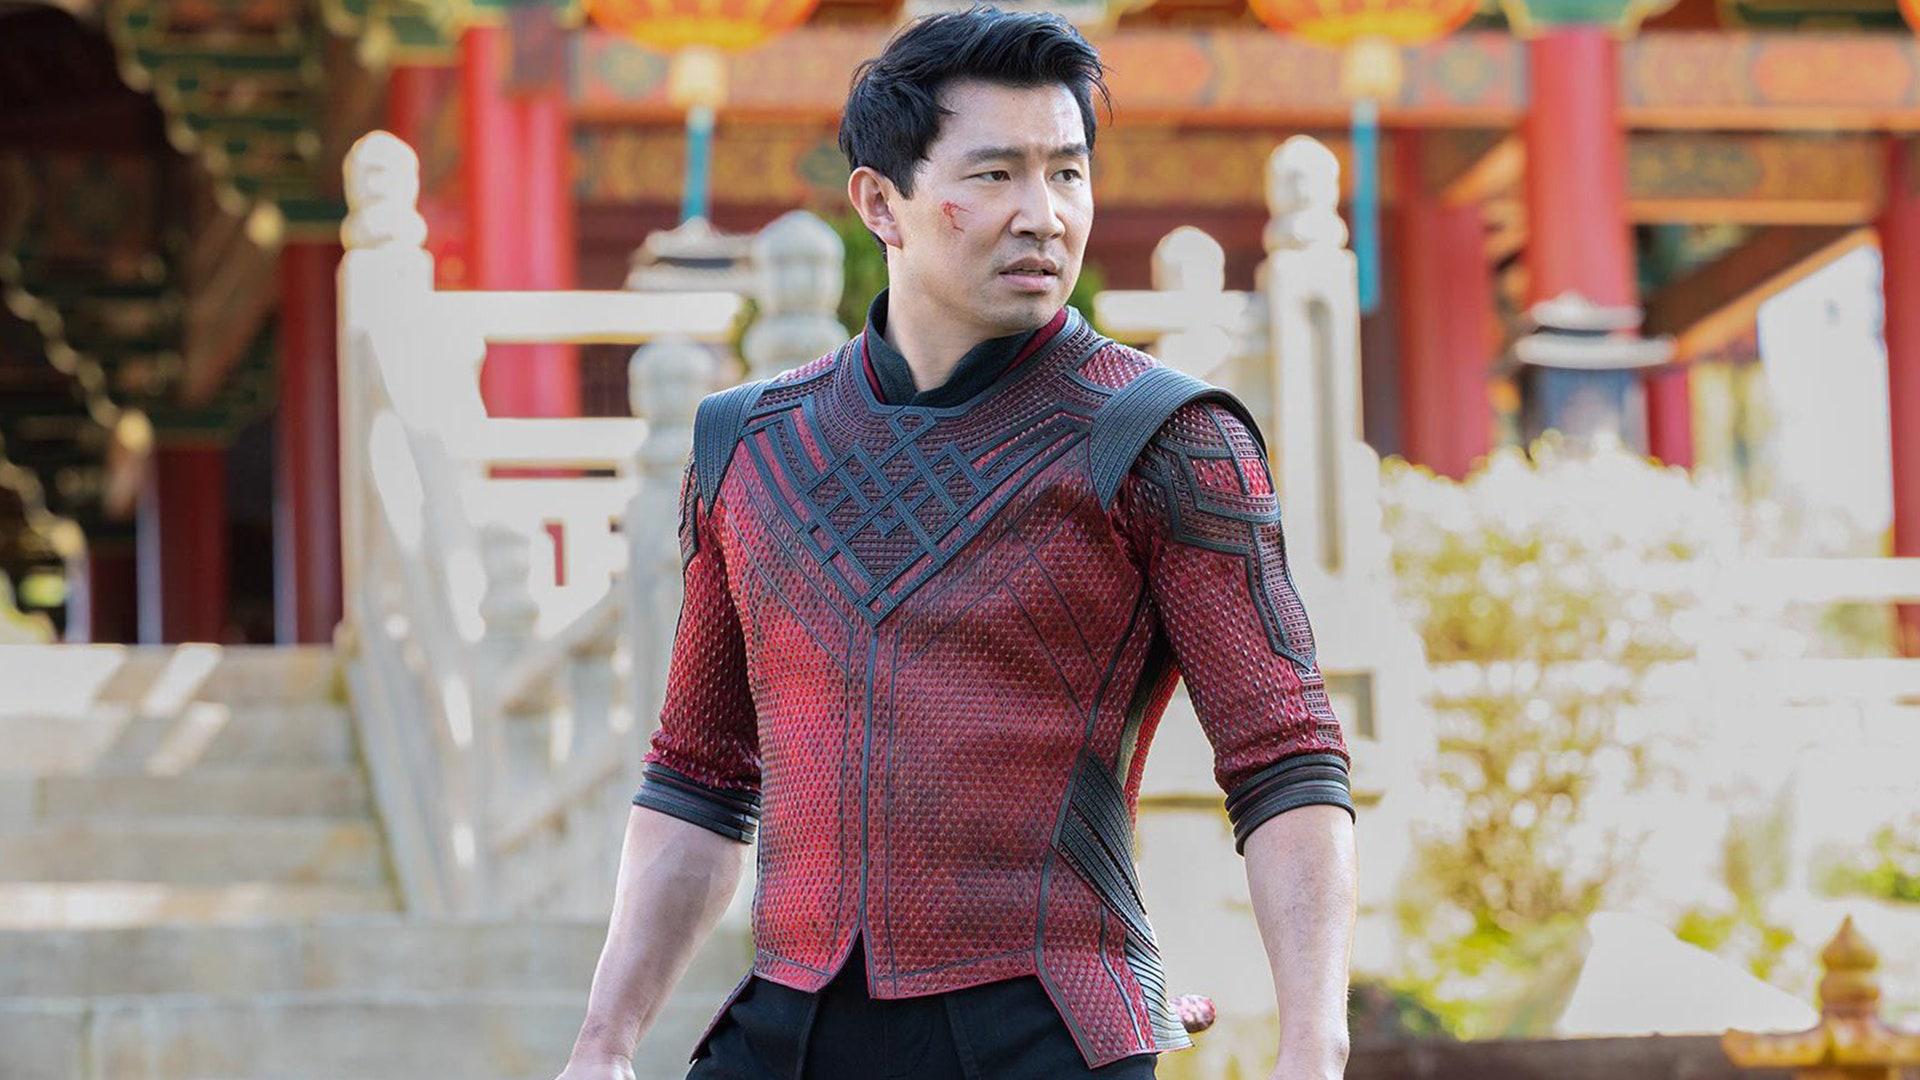 O elenco de Shang-Chi e a Lenda dos Dez Anéis foi questionado sobre quais personagens eles iriam querer fazer uma parceria no futuro.